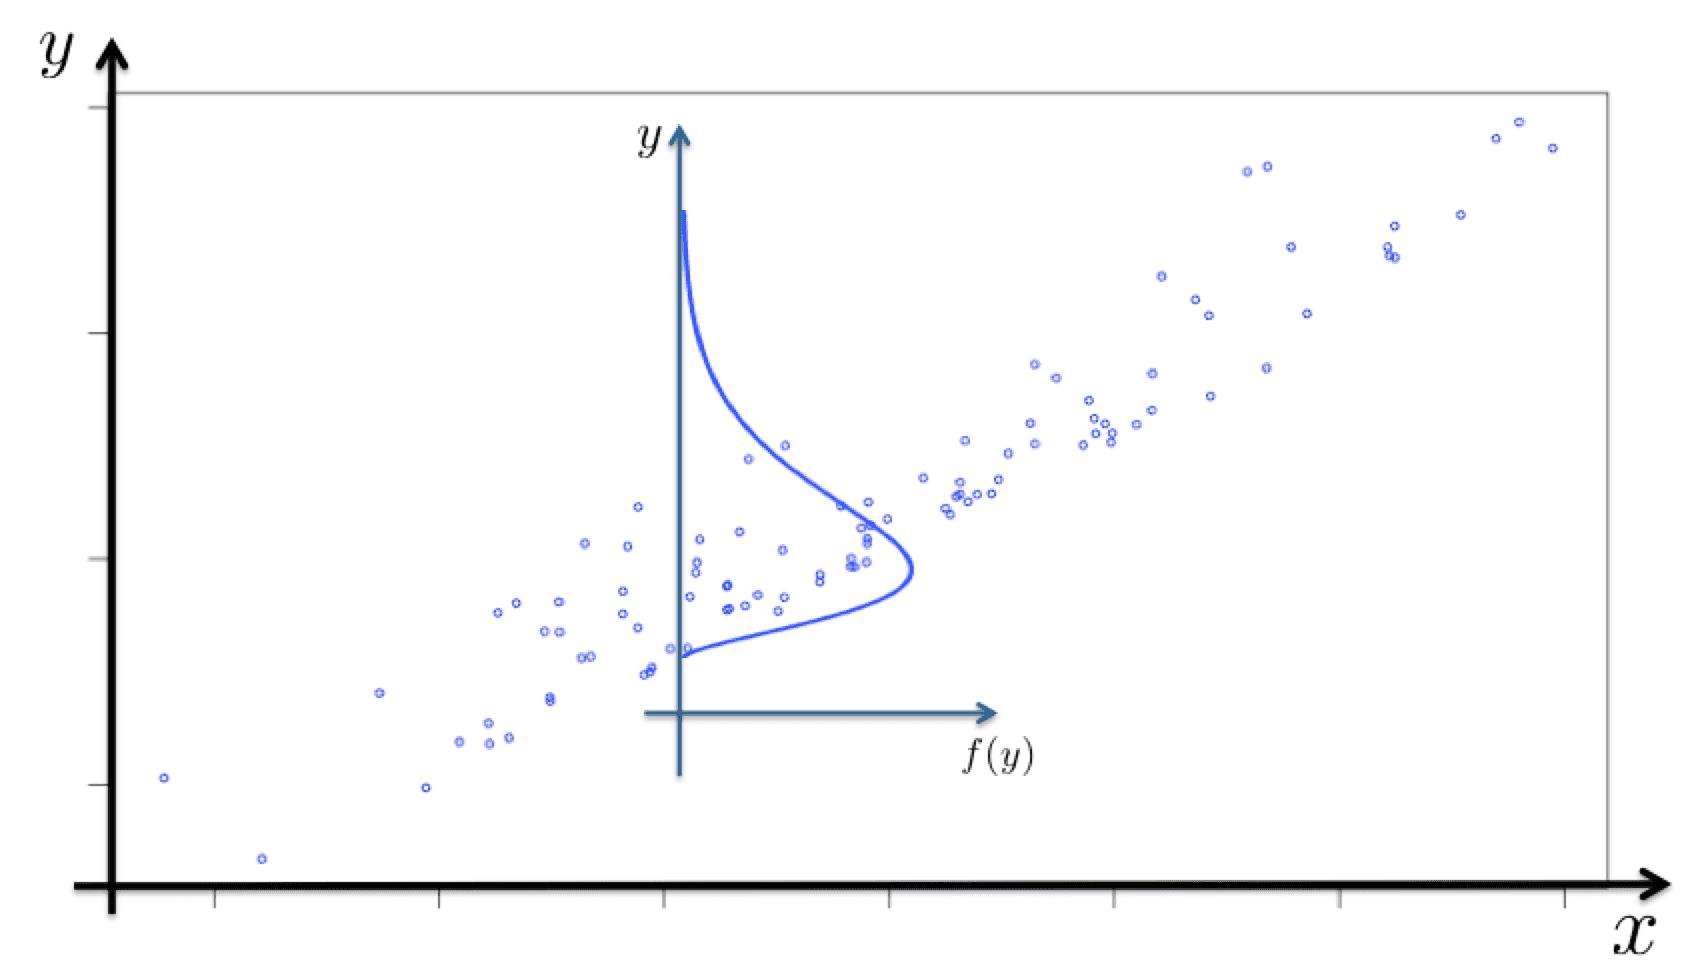 gamma_plot2-compressor.png